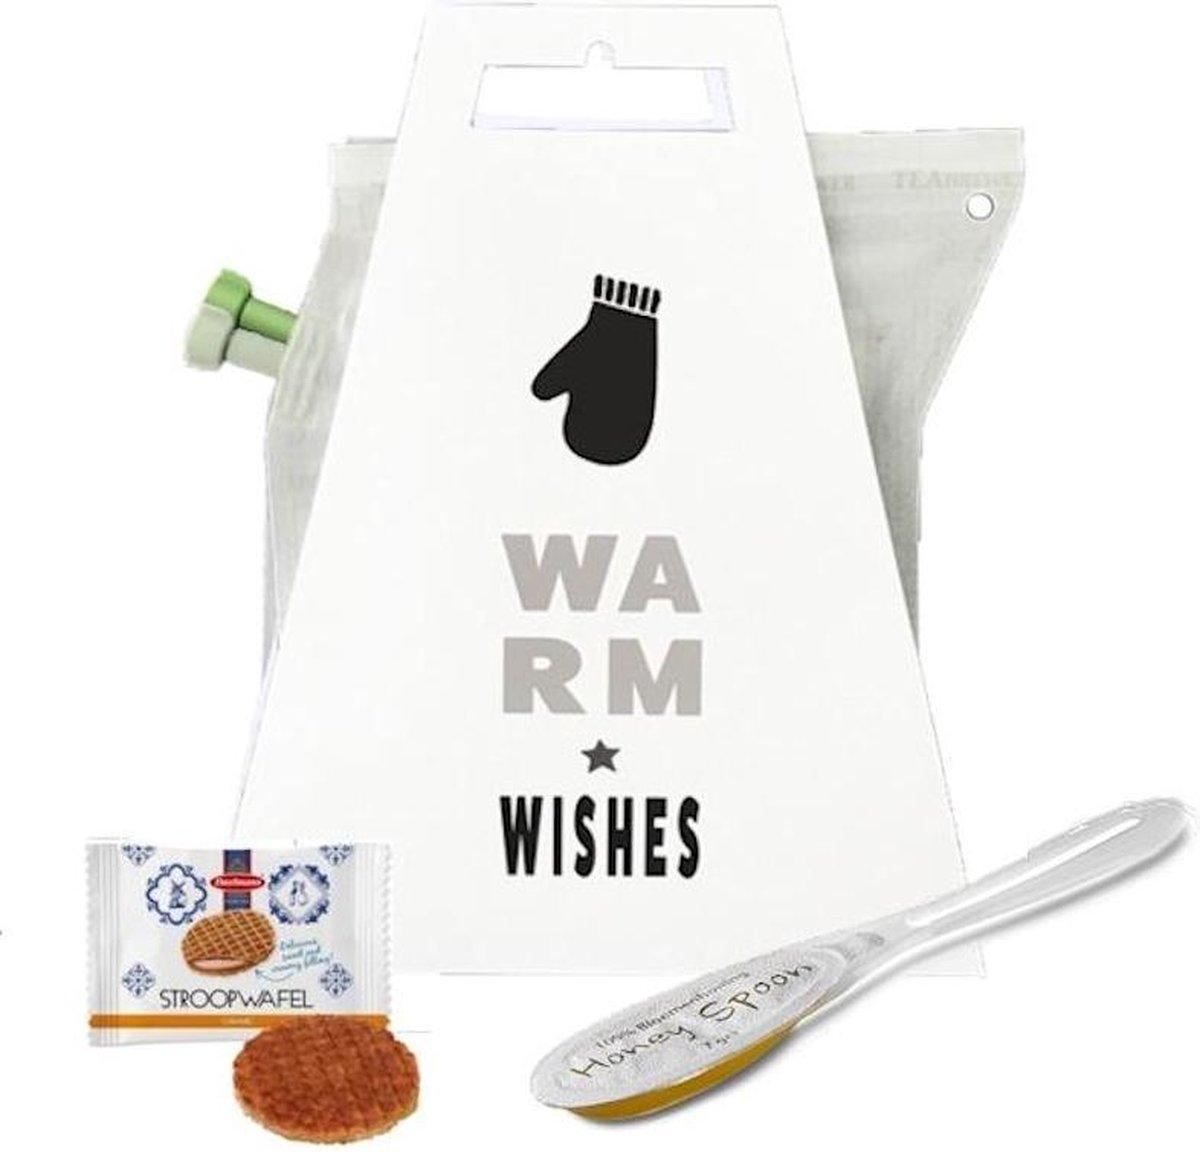 Cadeau verse thee met filter in zak + koekje + honing - kerst warm wishes   Cadeautje door de brievenbus